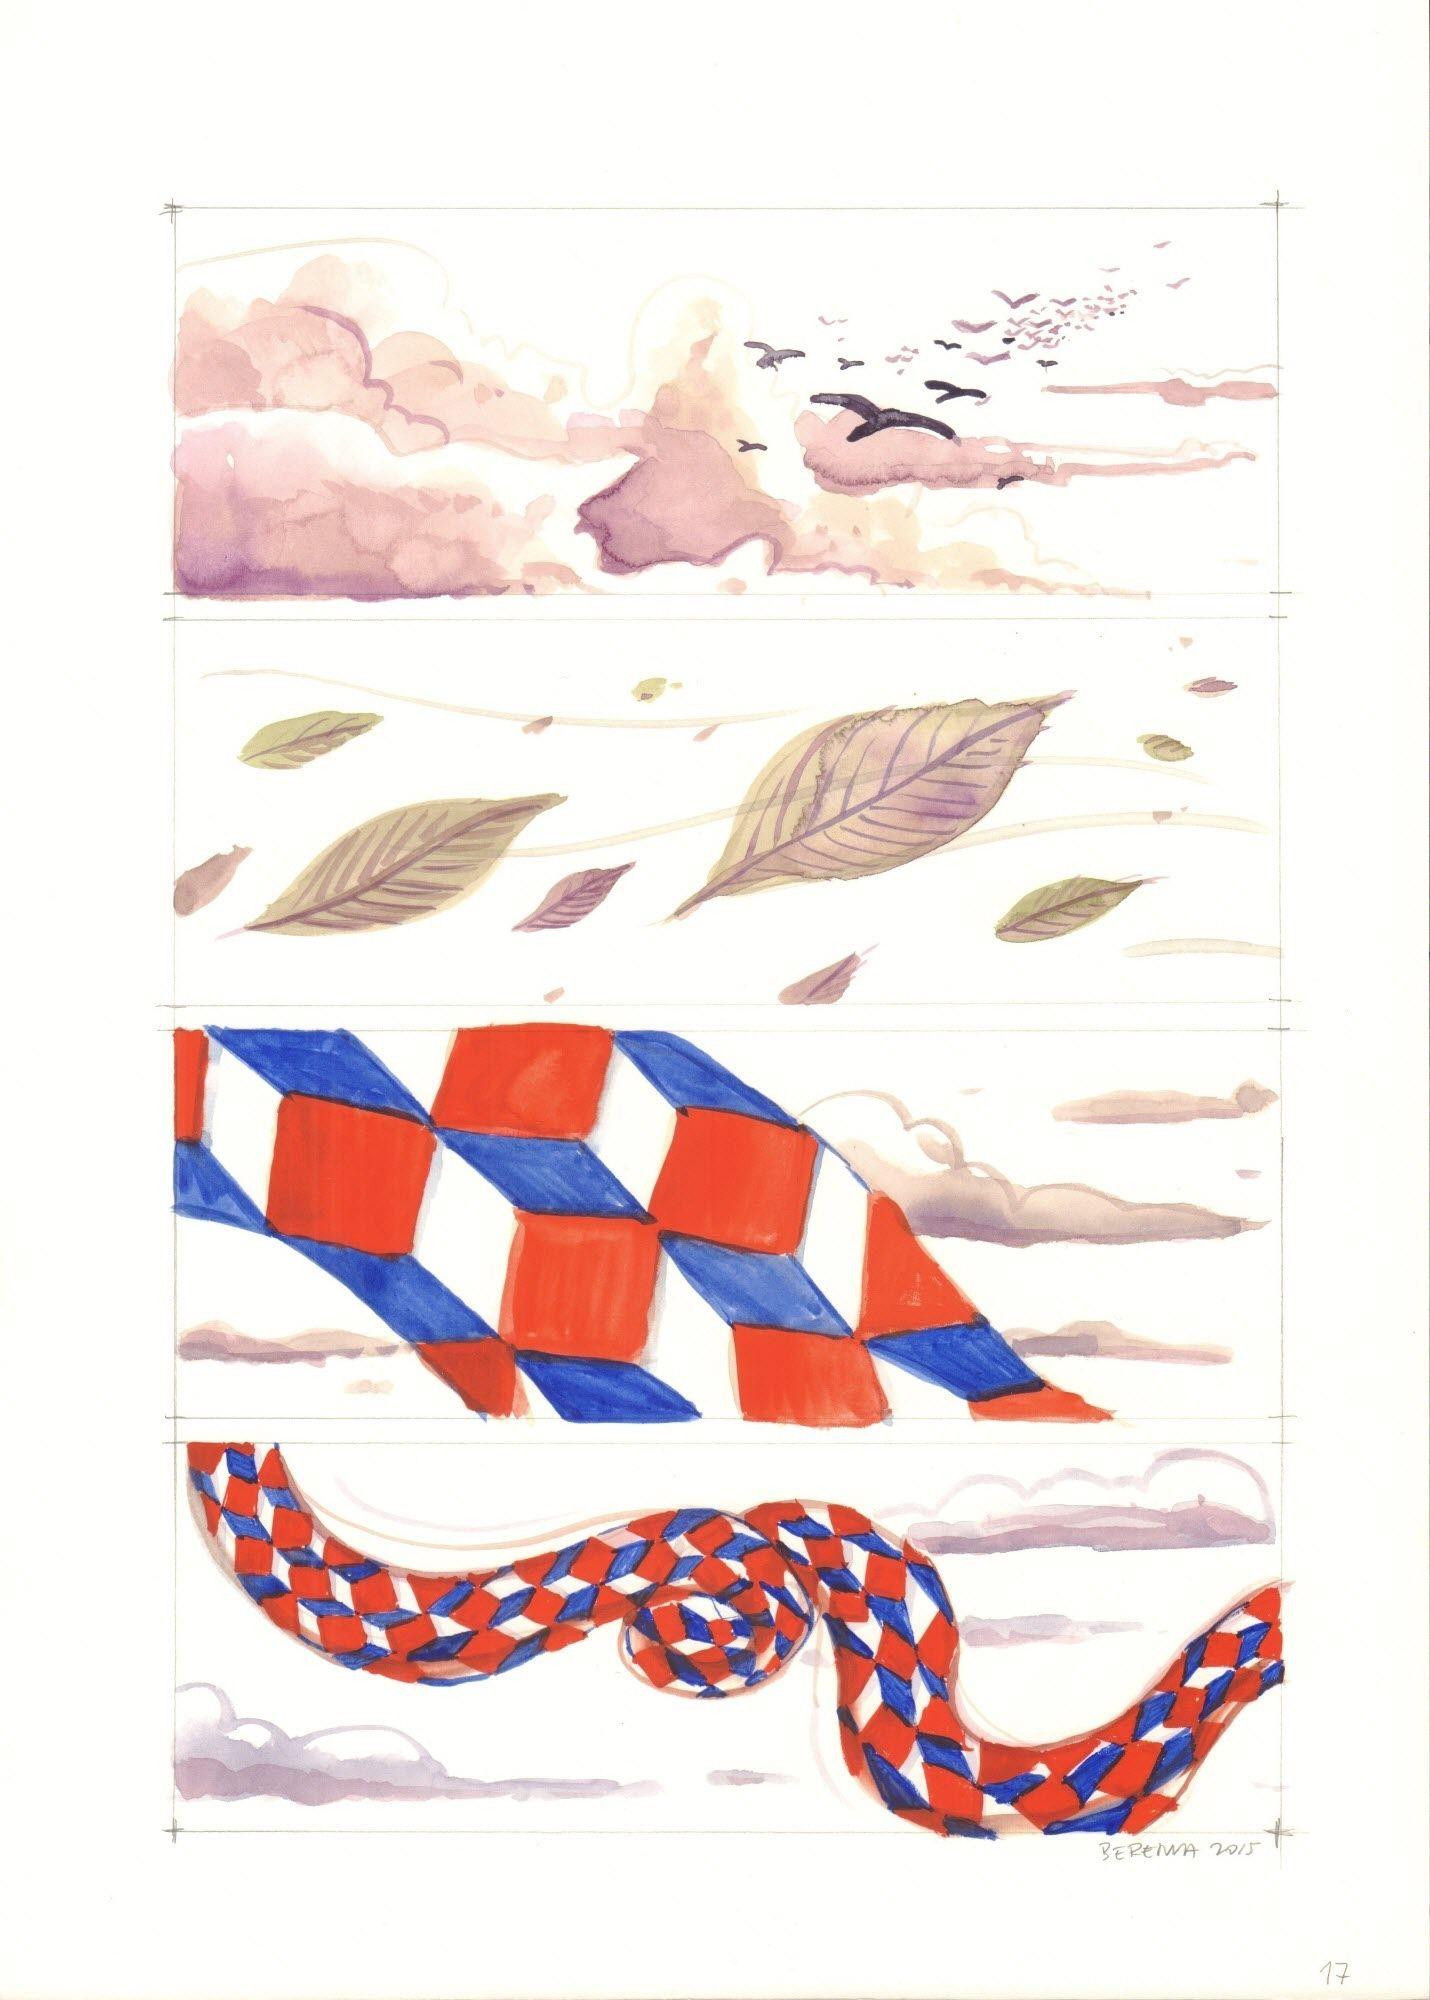 Malutki Lisek i Wielki Dzik #1 / 17